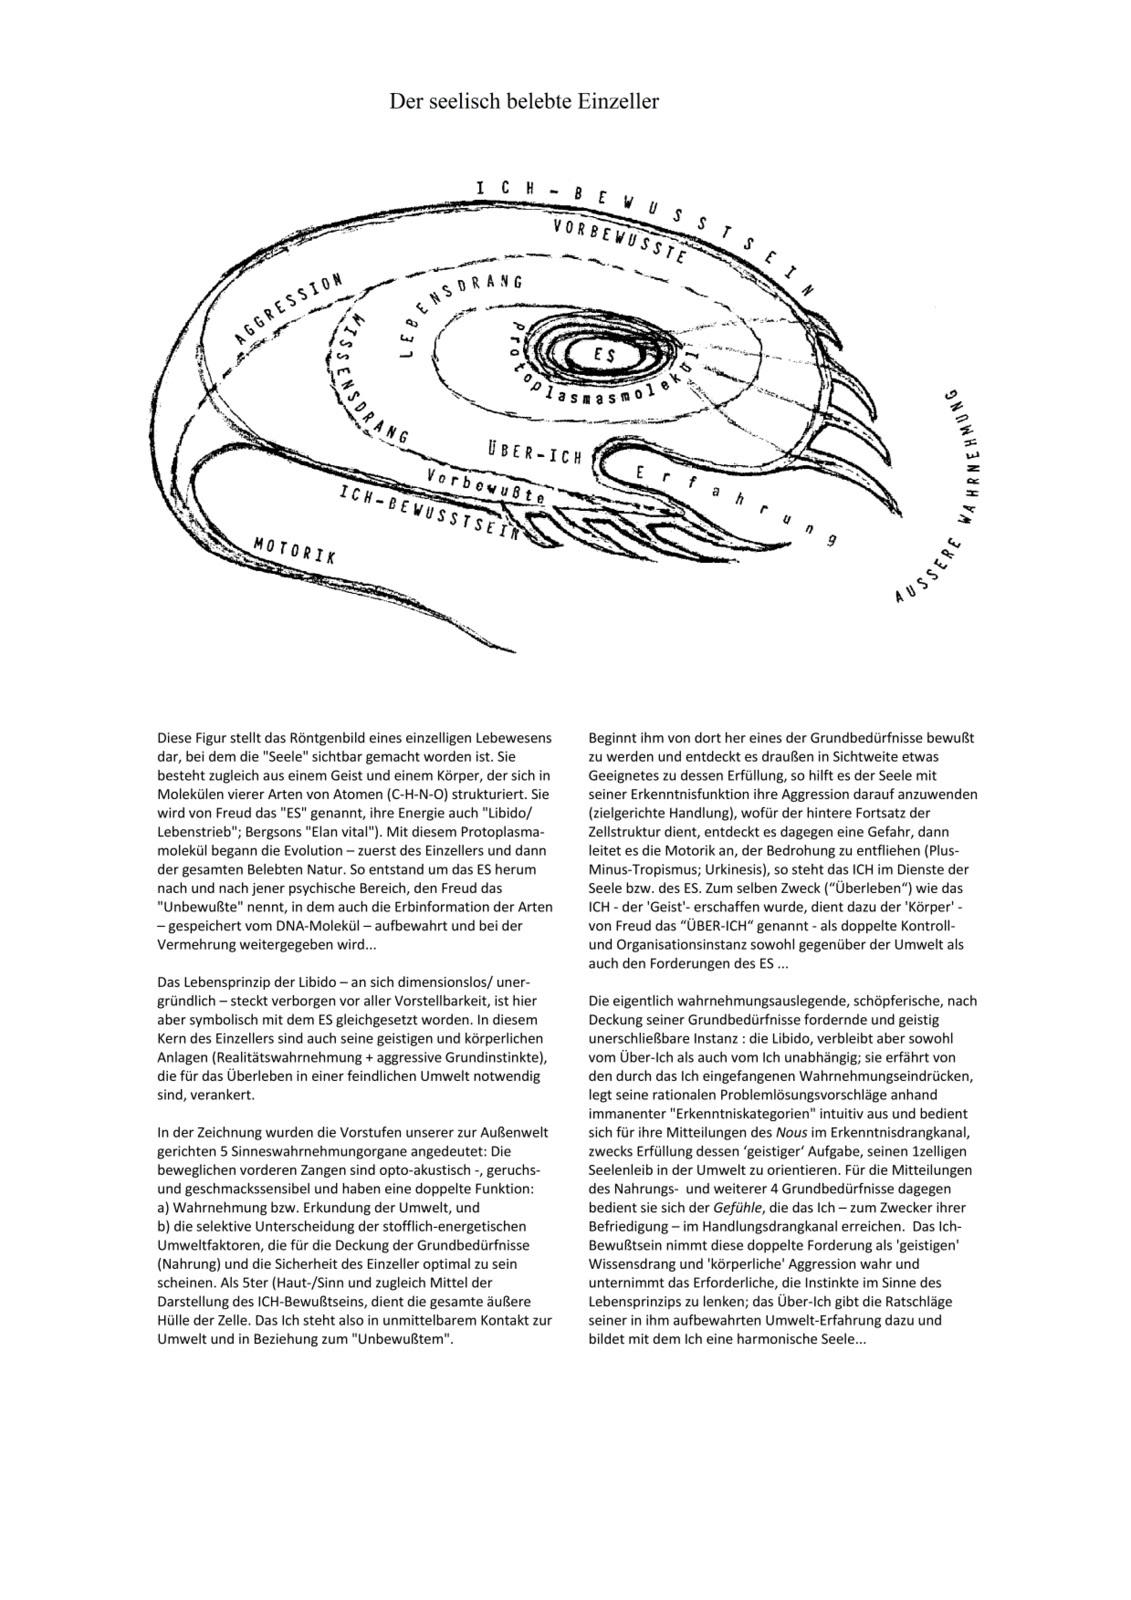 Darwins Beitrag zum Strukturmodell der Psyche